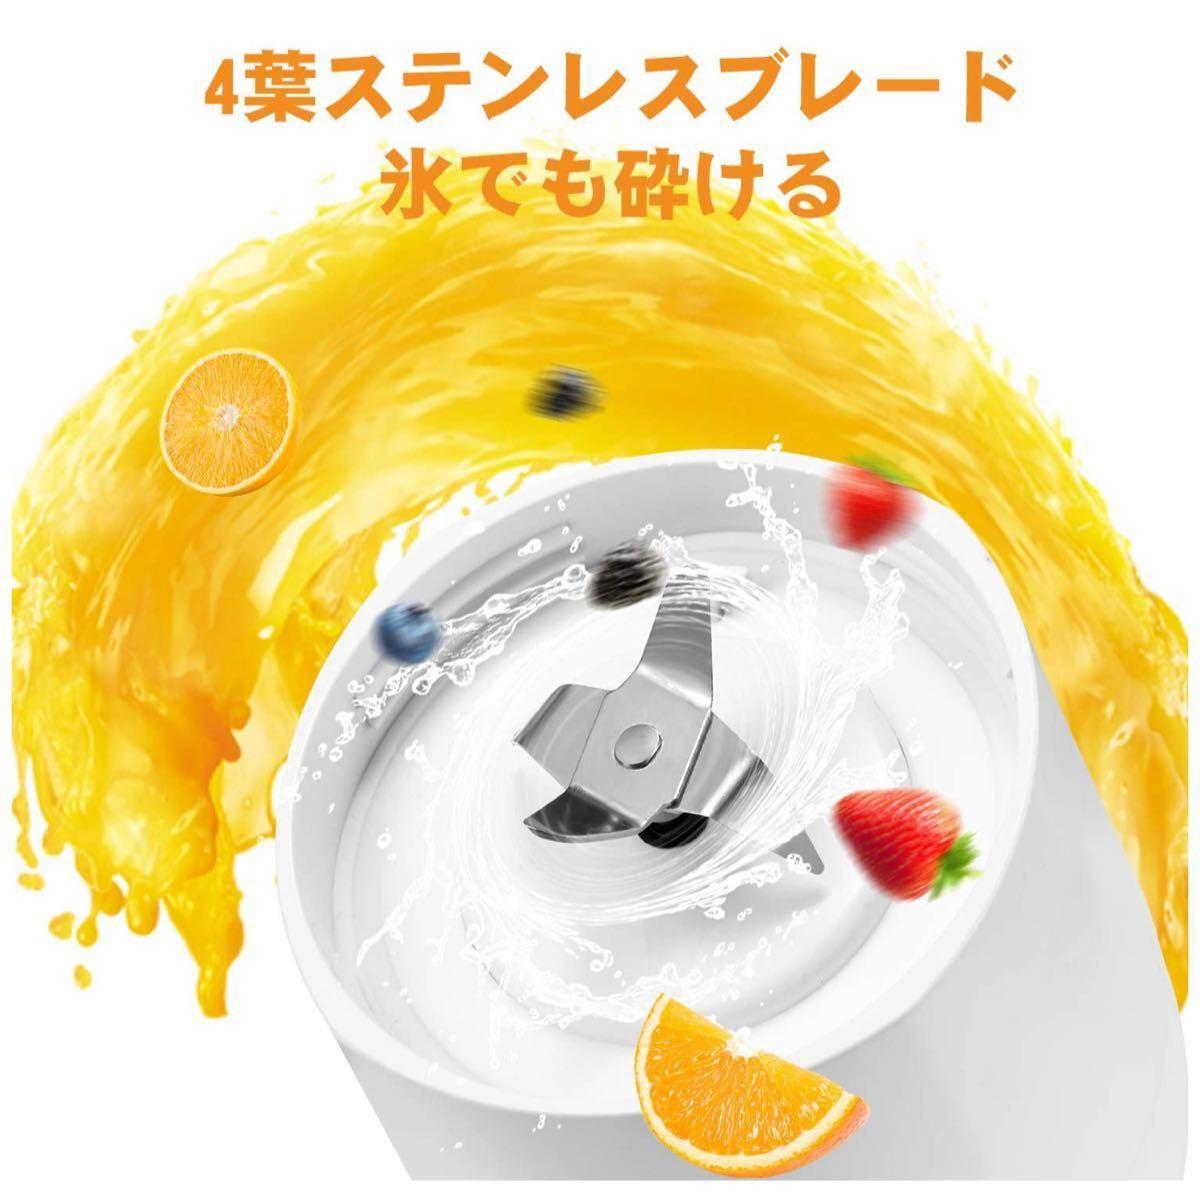 【送料無料】ポータブル ジューサー スムージー ミキサー USB充電